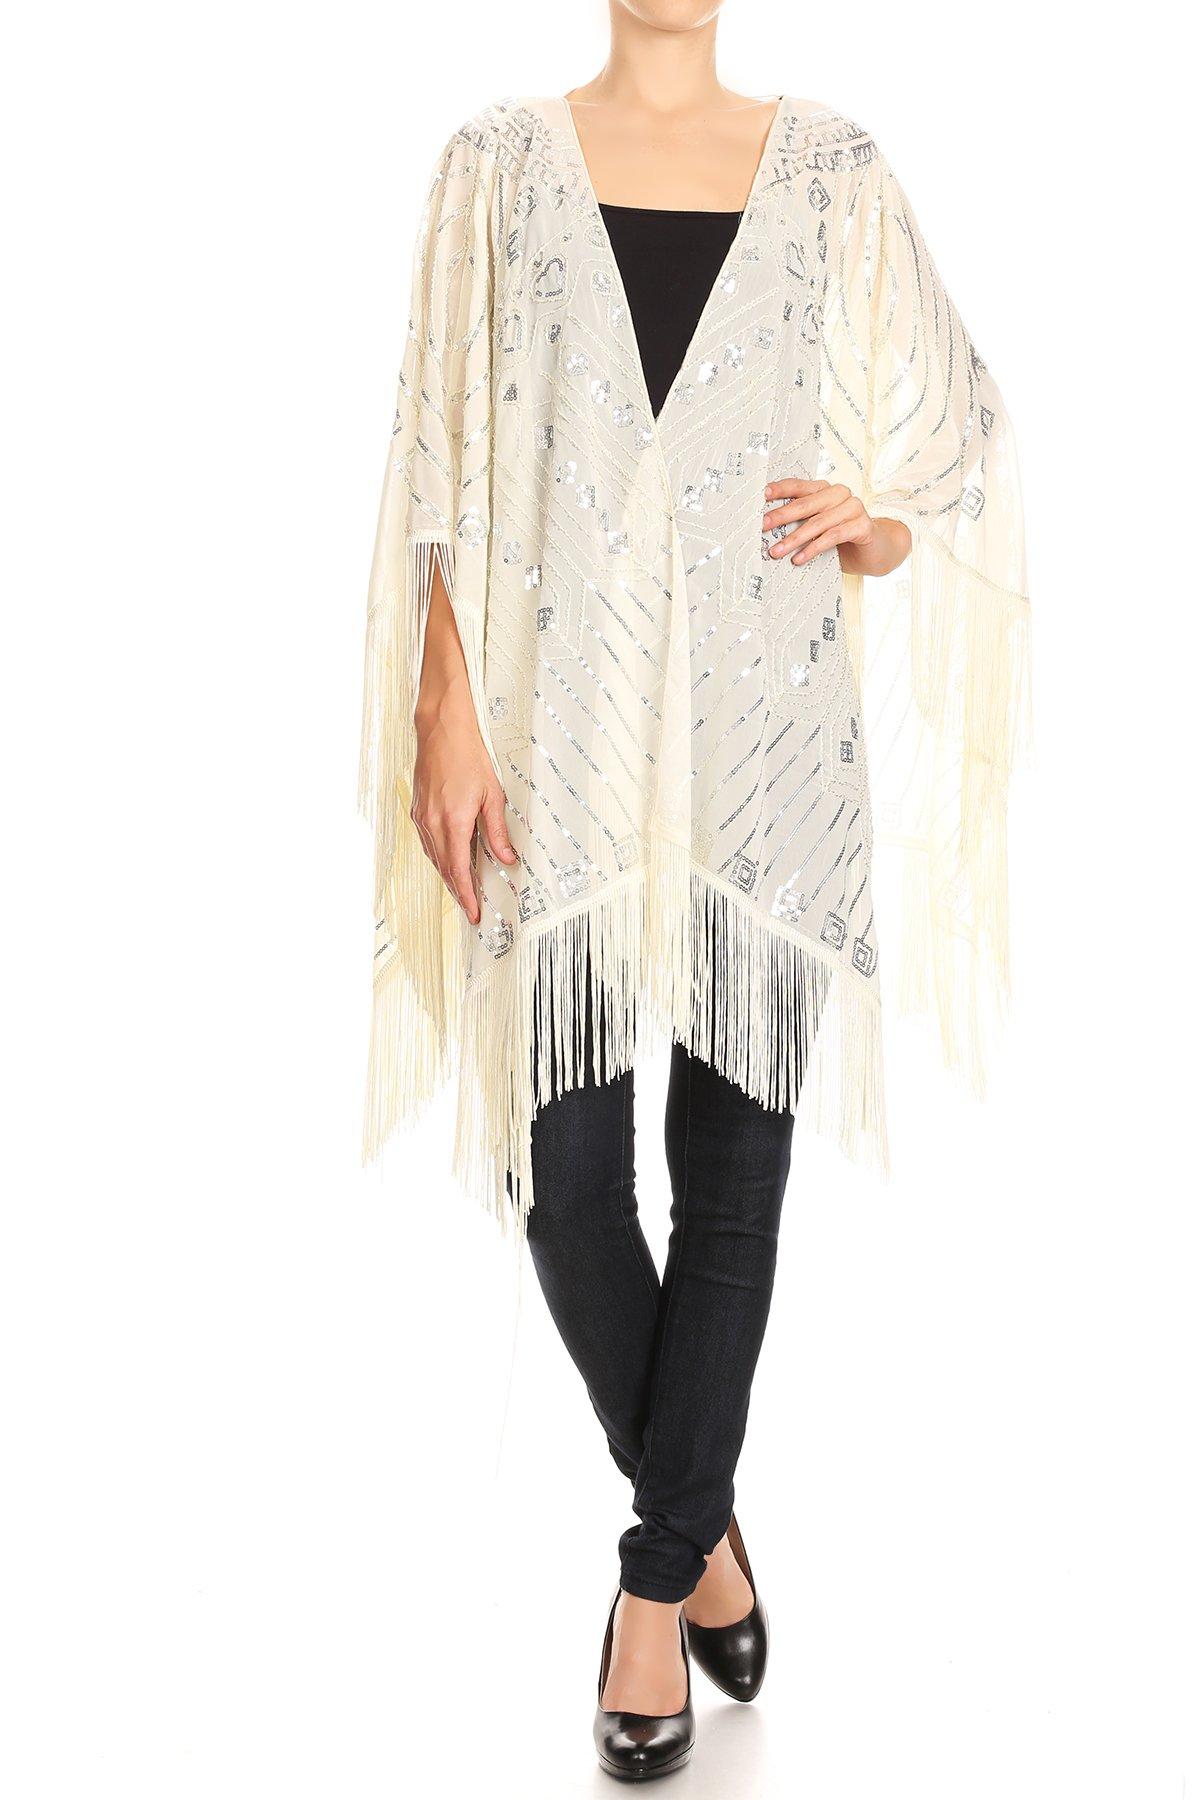 Anna-Kaci Womens Oversized Hand Beaded and Sequin Evening Shawl Wrap with Fringe, White, Onesize